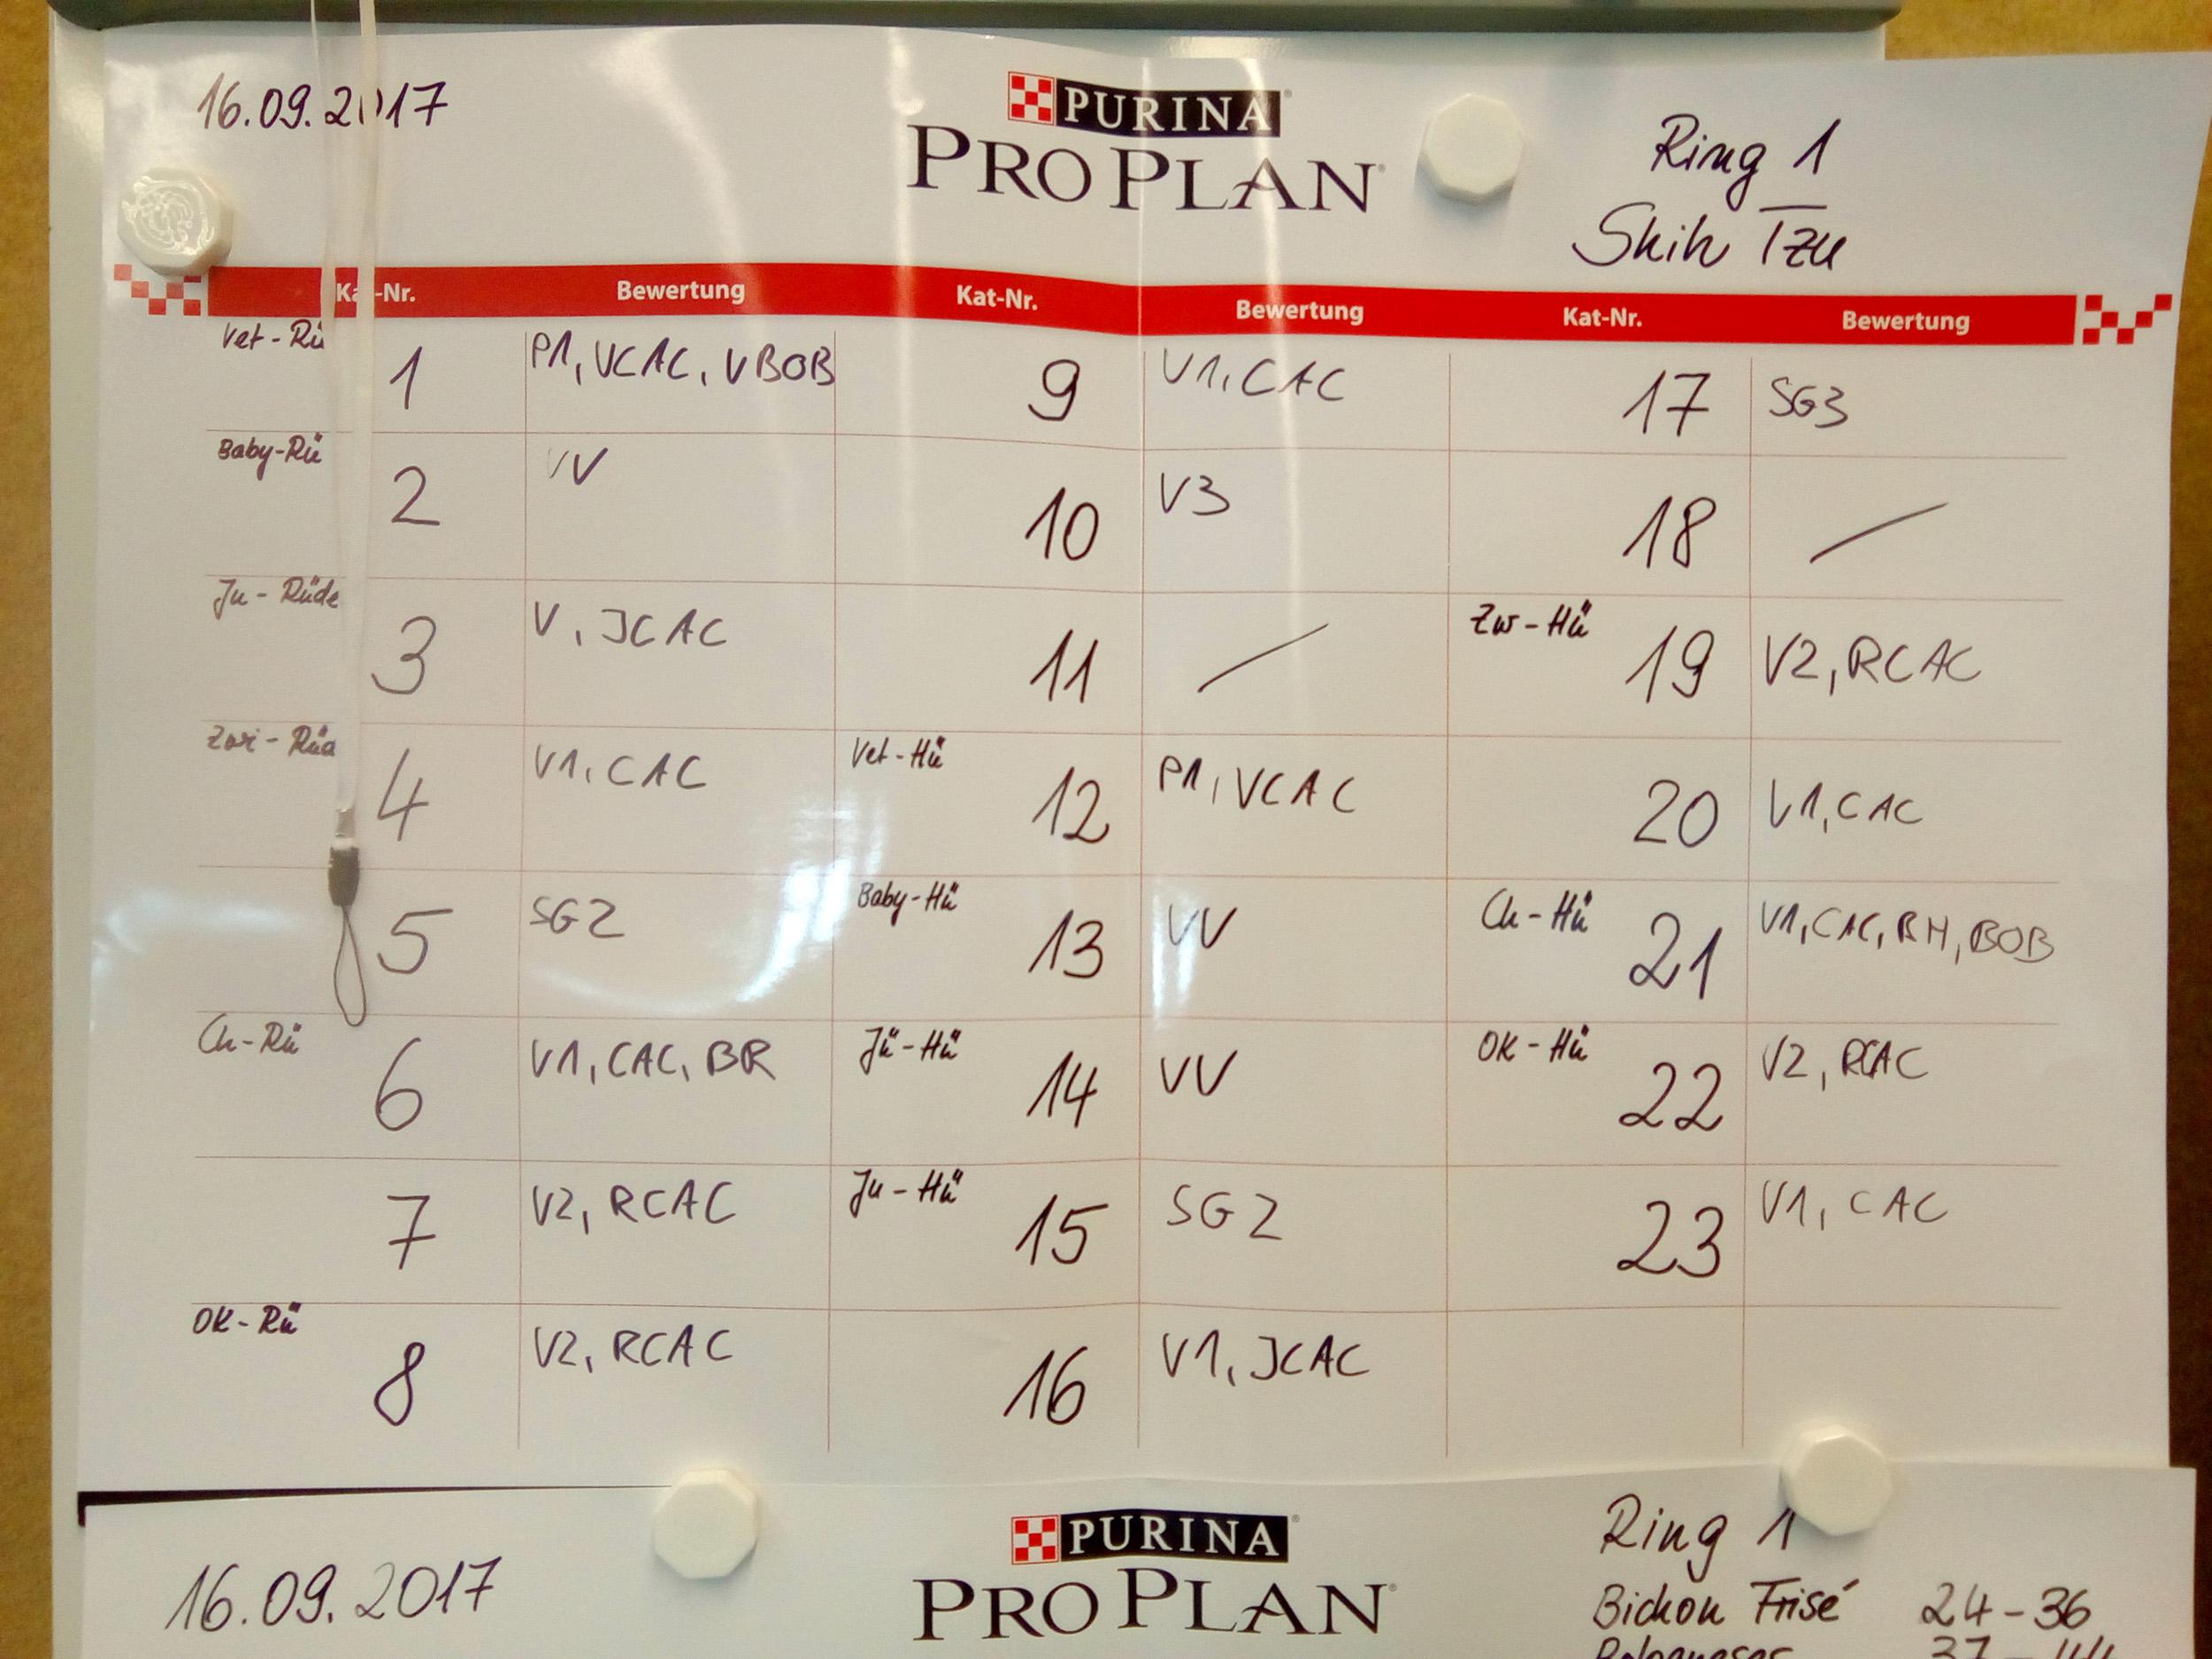 Результаты рингов ши-тцу на клубной выставке в Германии. 16 сентября 2017 г.